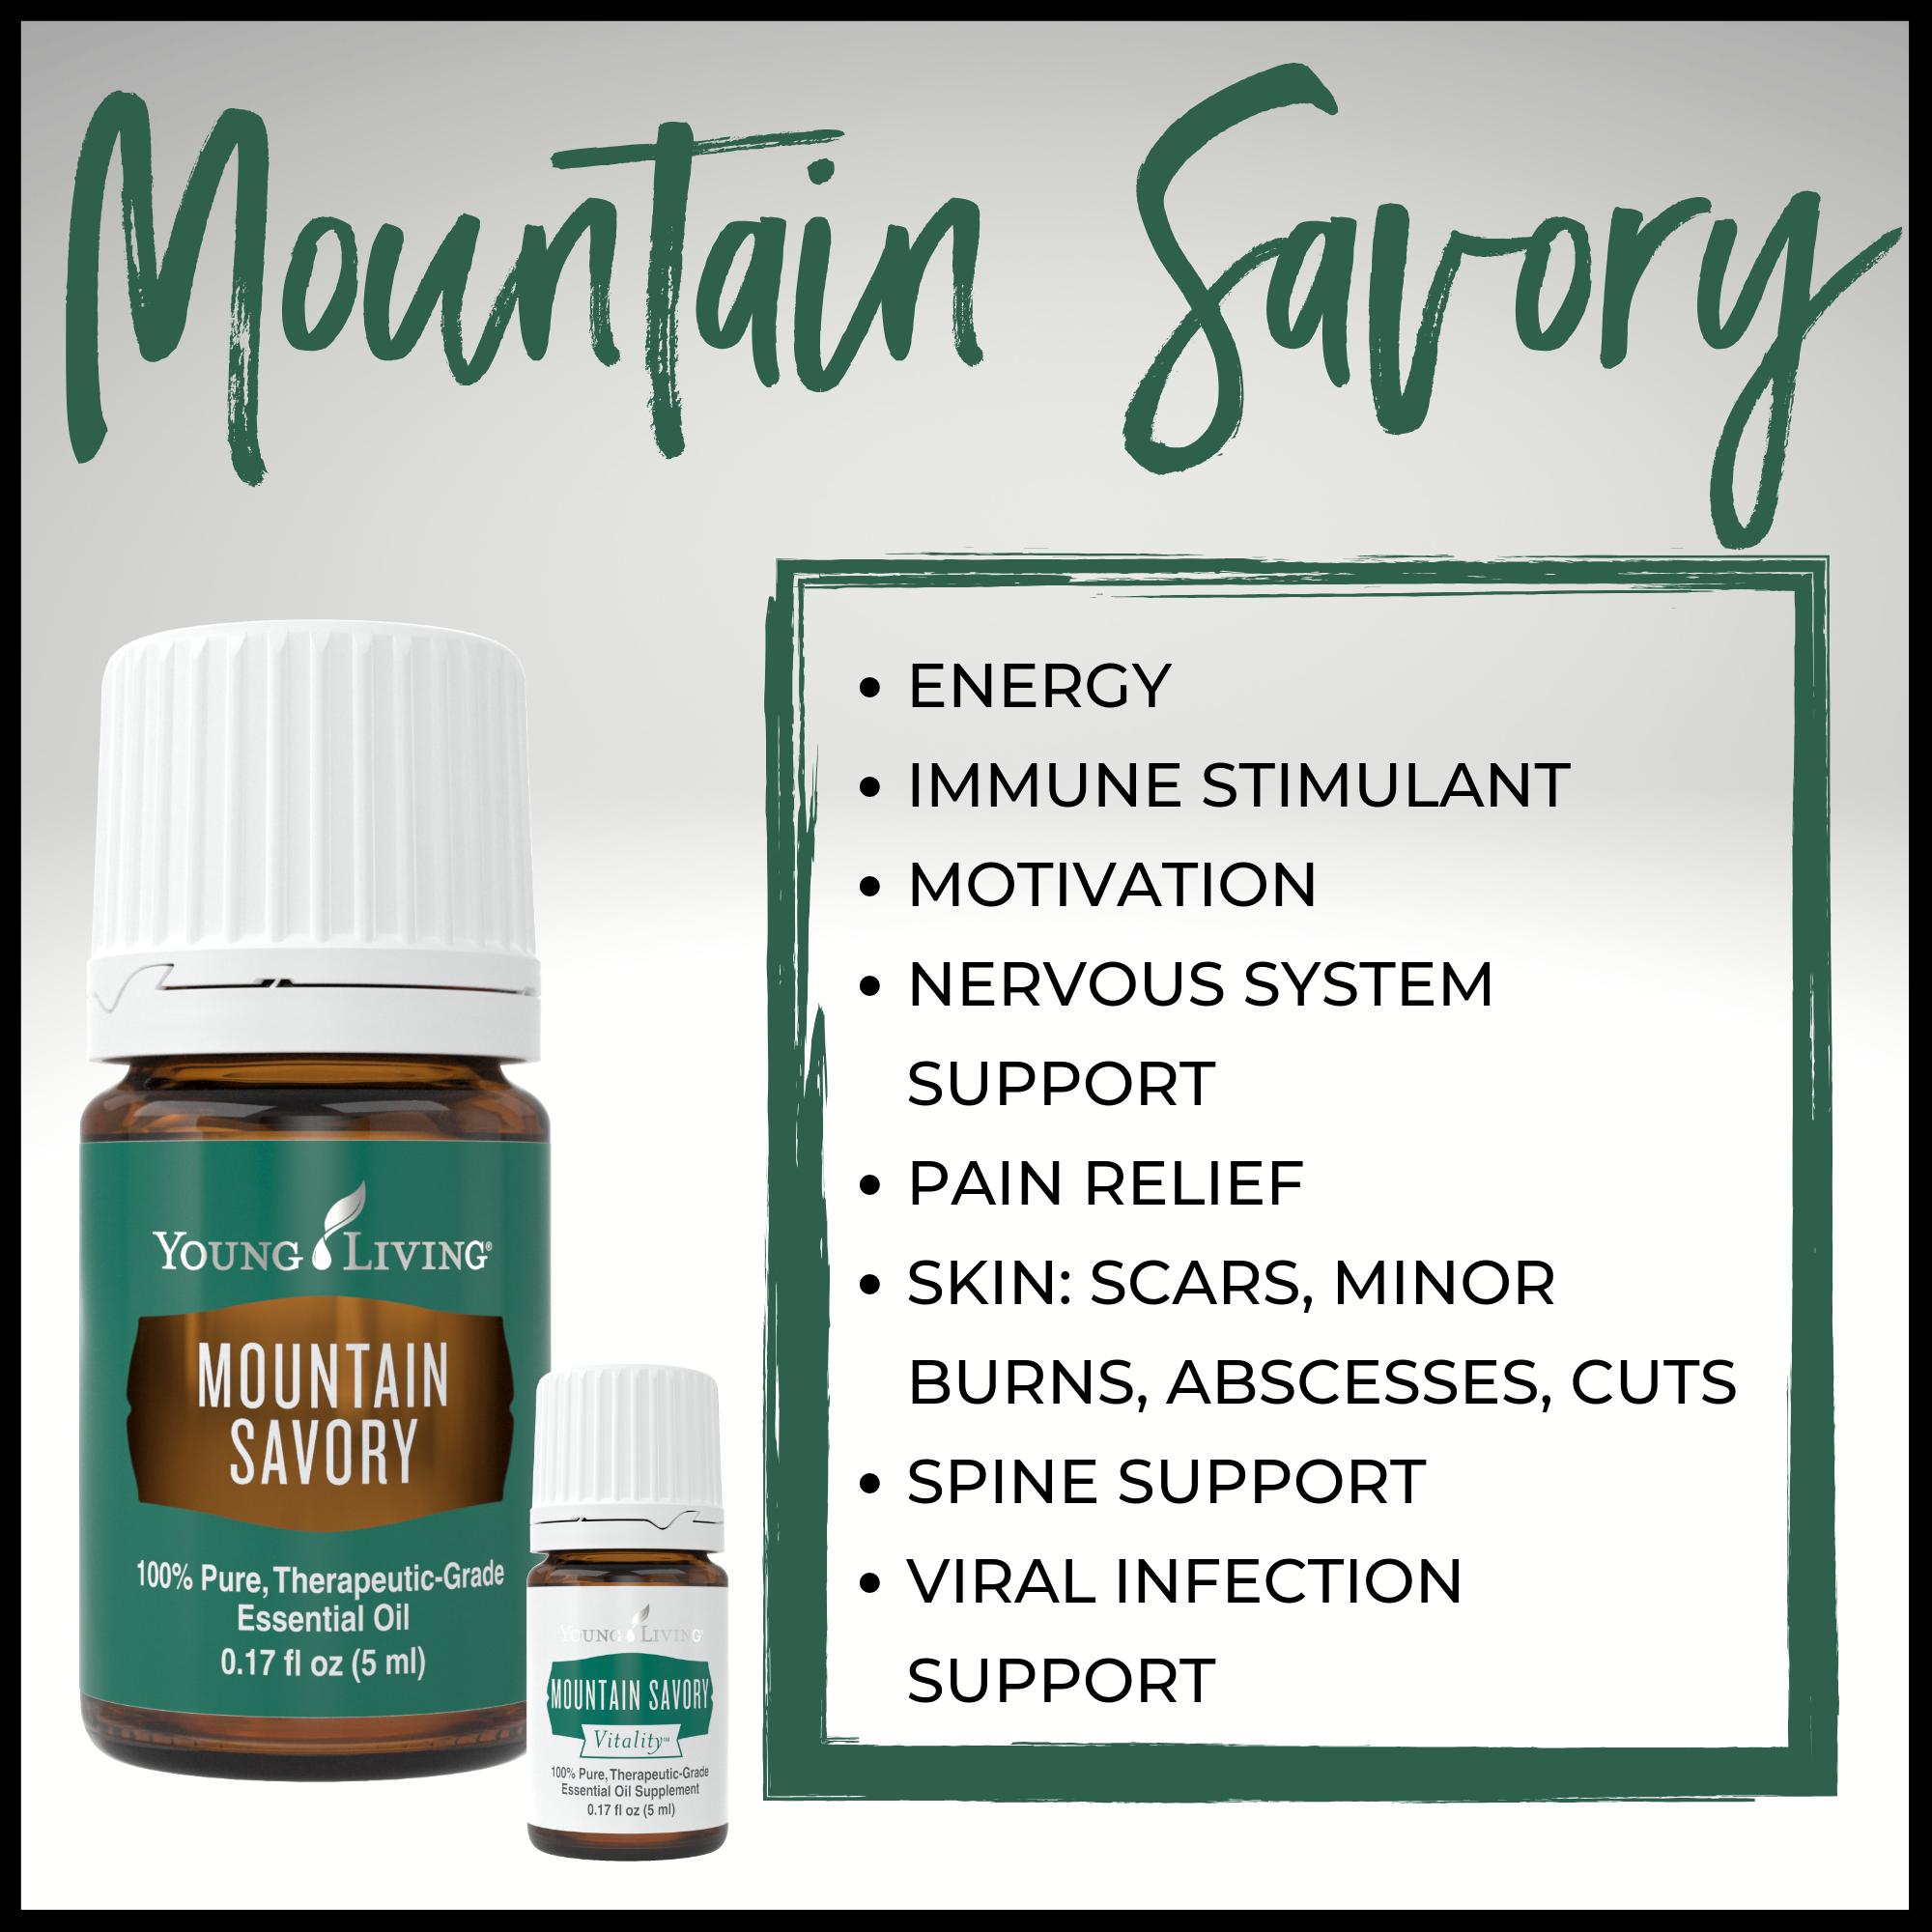 Mountain Savory